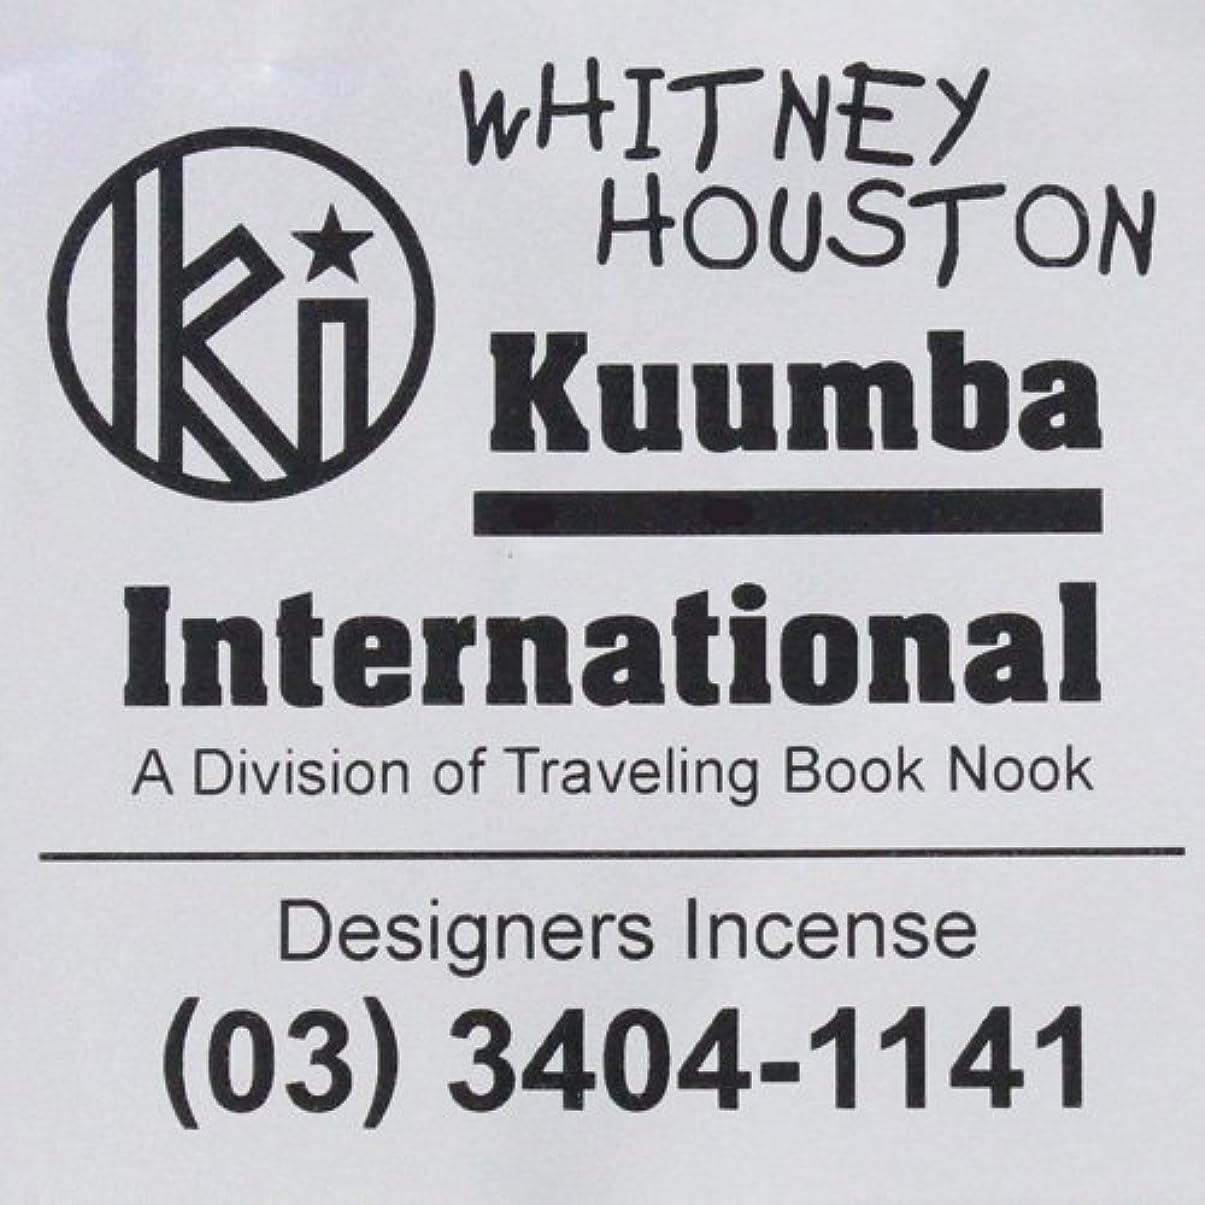 バランス七面鳥迷惑KUUMBA (クンバ)『incense』(WHITNEY HOUSTON) (Regular size)